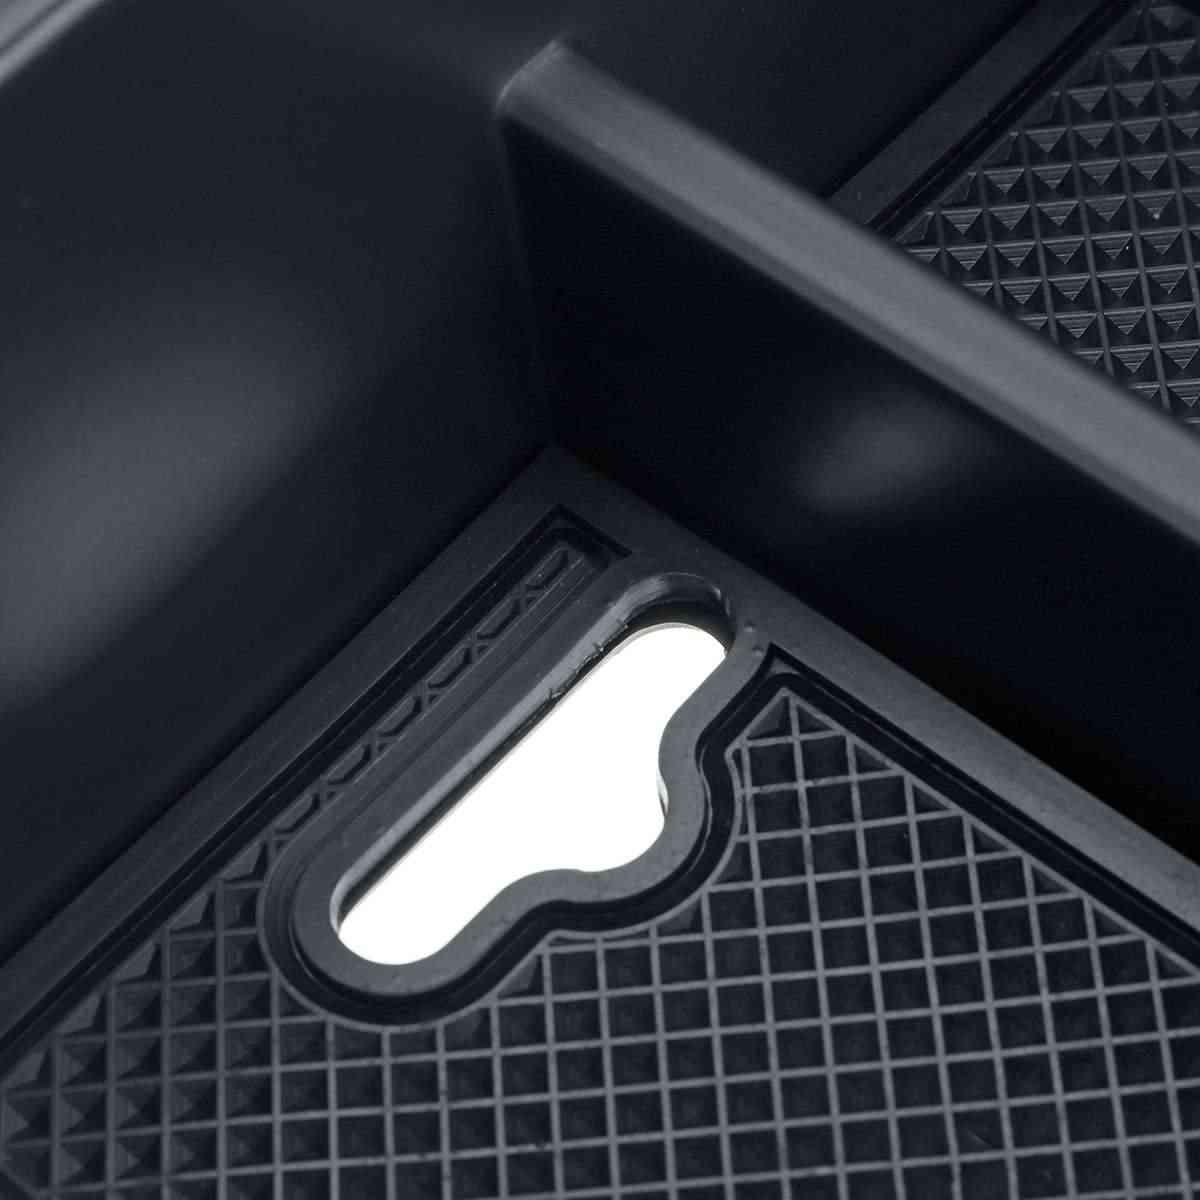 שחור אוטומטי רכב פנים מרכזית משענת יד מחזיק מגש Mouldings עבור KIA נירו 2018 2019 w/מחצלות stowing לסדר